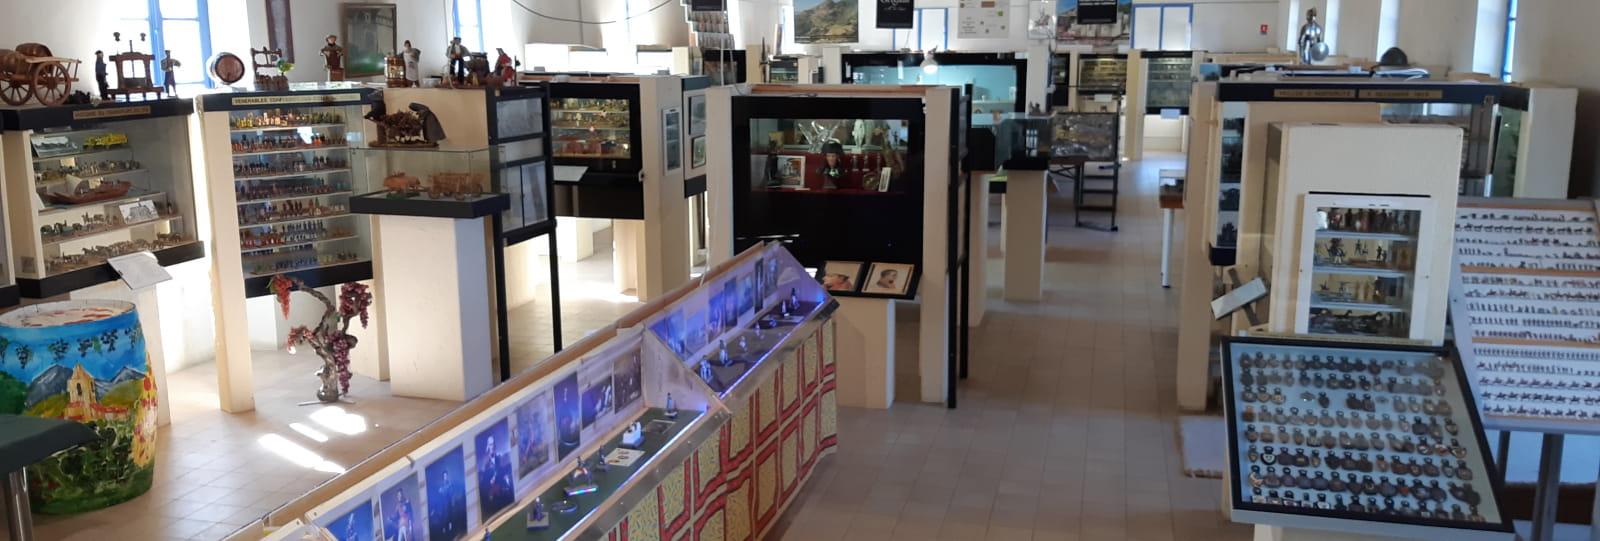 Musée de la Figurine Paul Cibert